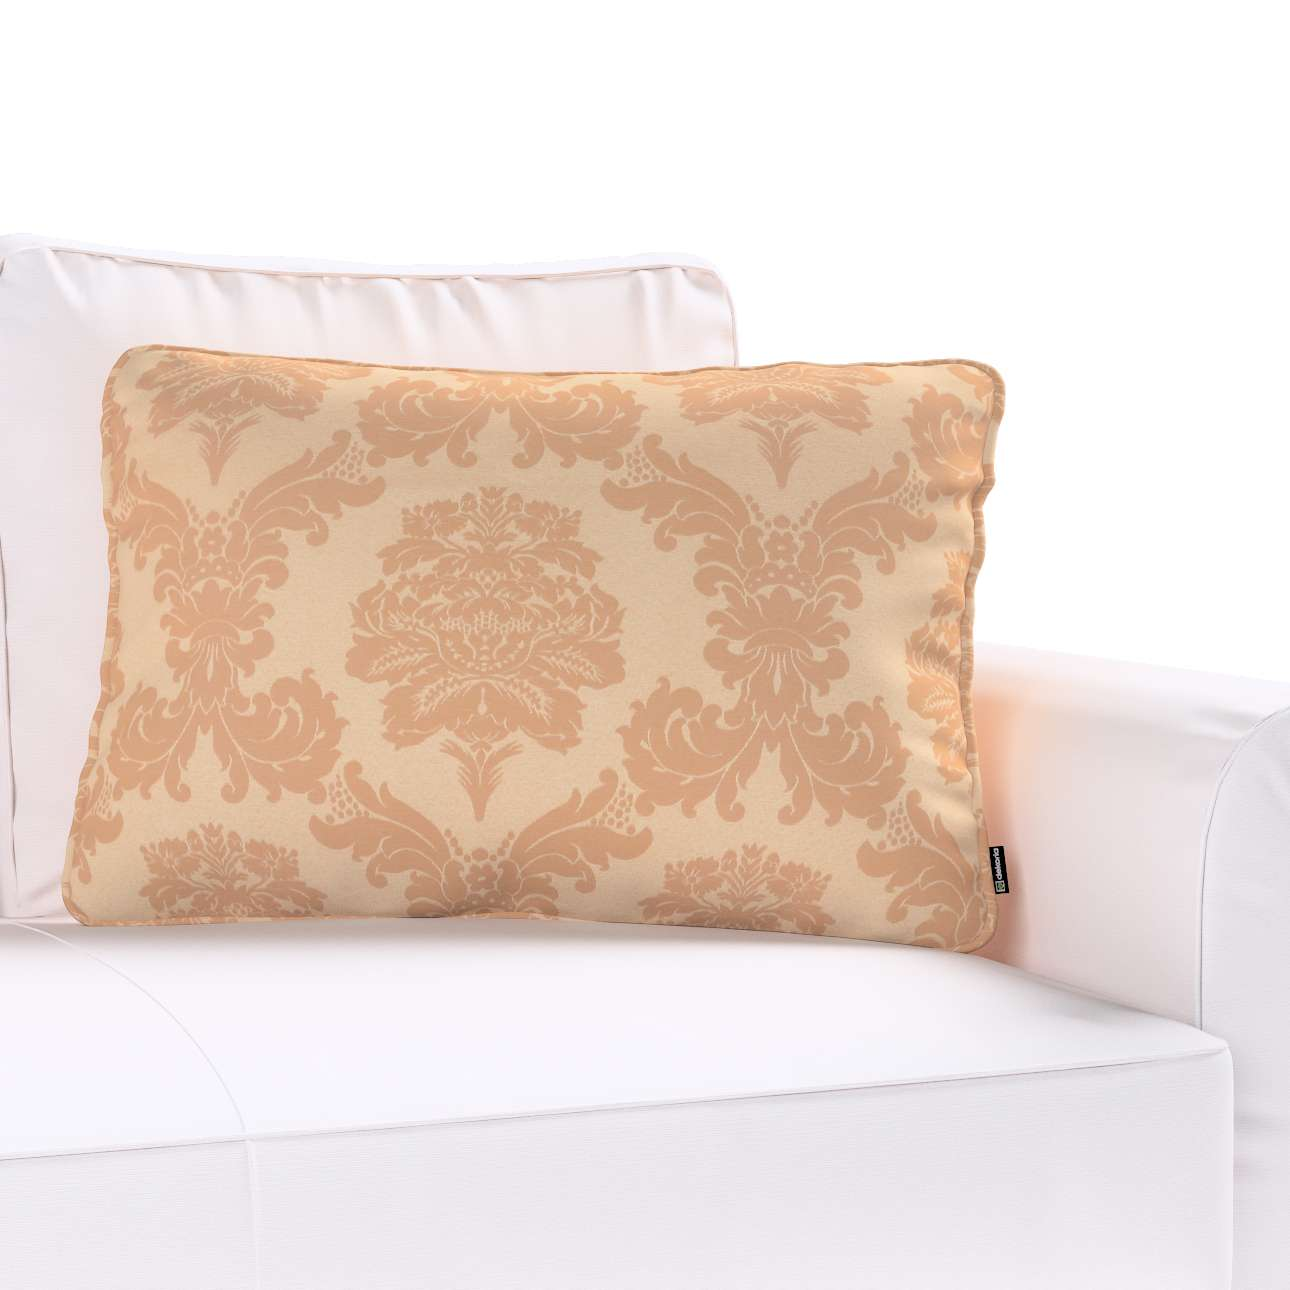 Poszewka Gabi na poduszkę prostokątna w kolekcji Damasco, tkanina: 613-04